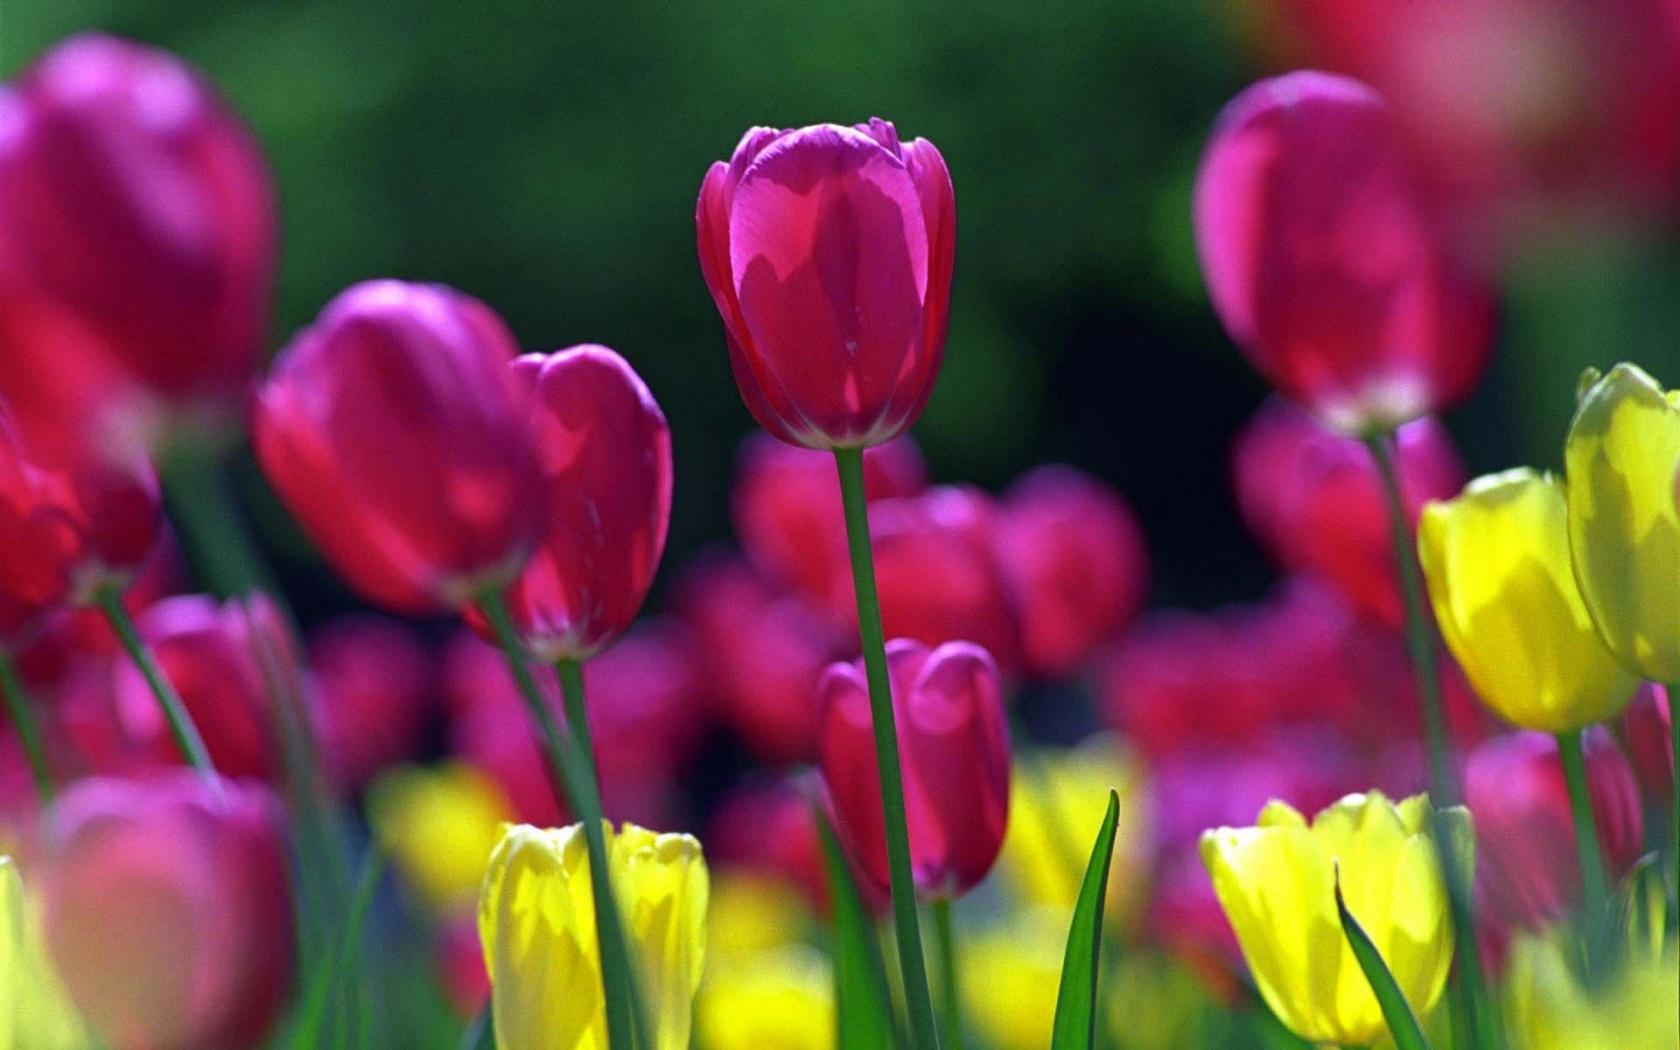 Red Flowers In Spring  18 Desktop Wallpaper